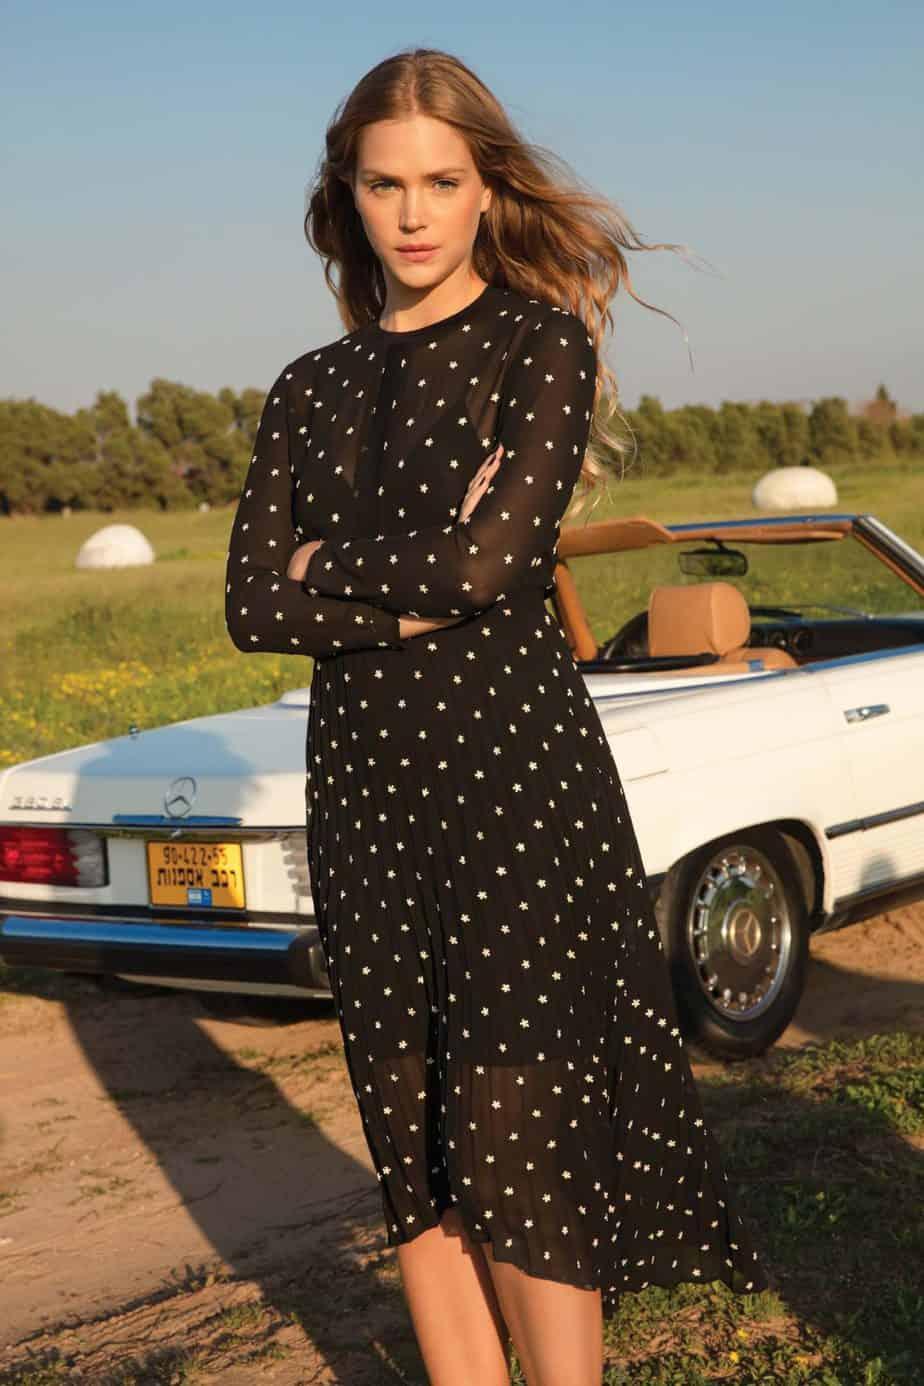 אסתי גינזבורג, גולברי שמלה 449.90 שח צילום יניב אדרי (4)